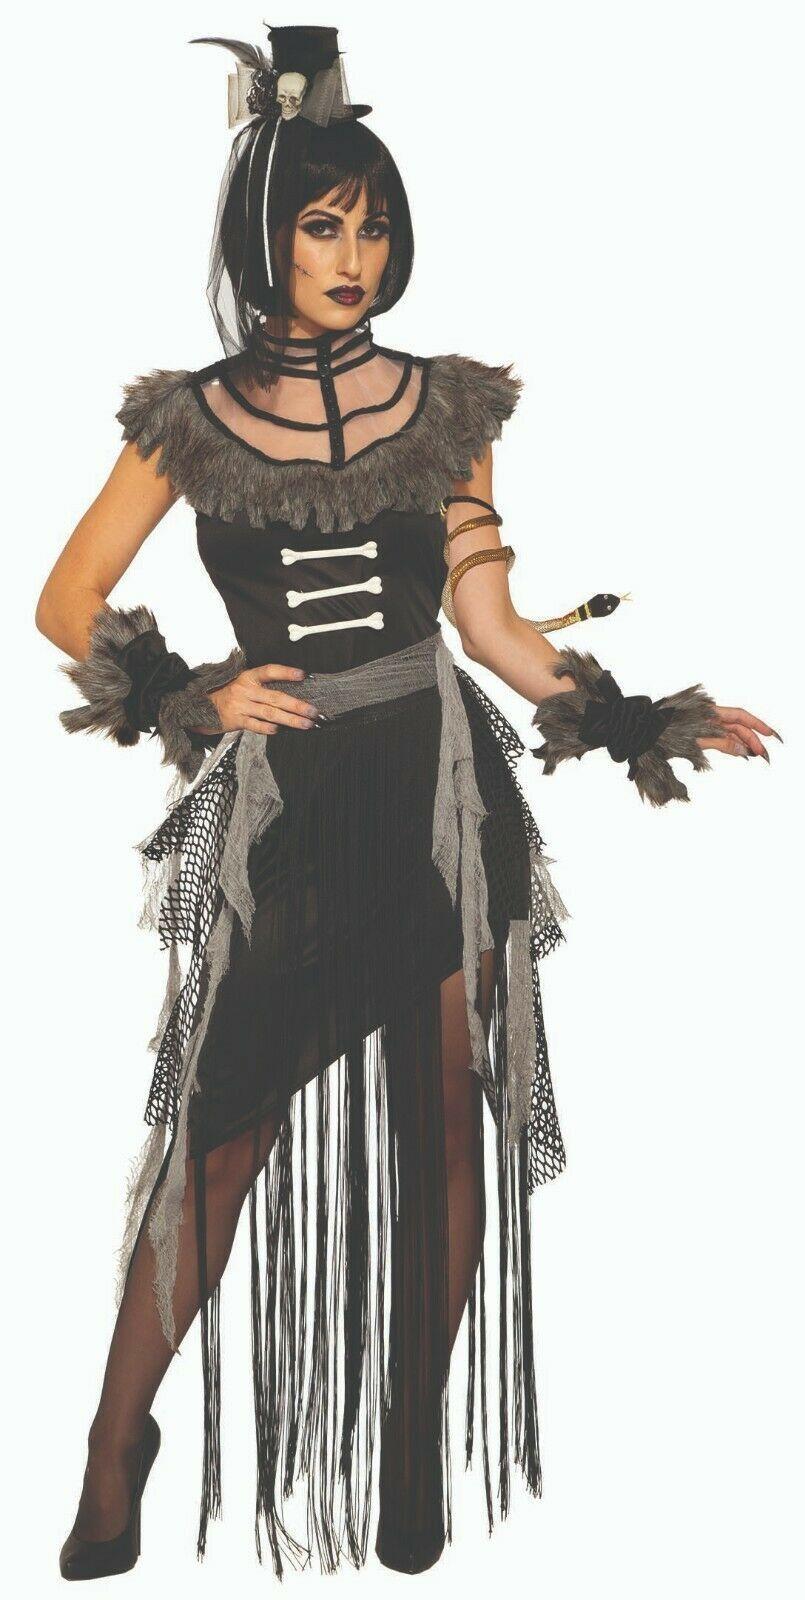 Forum Novelties Madame Hex Voodoo Hexe Arzt Erwachsene Halloween Kostüm 83342